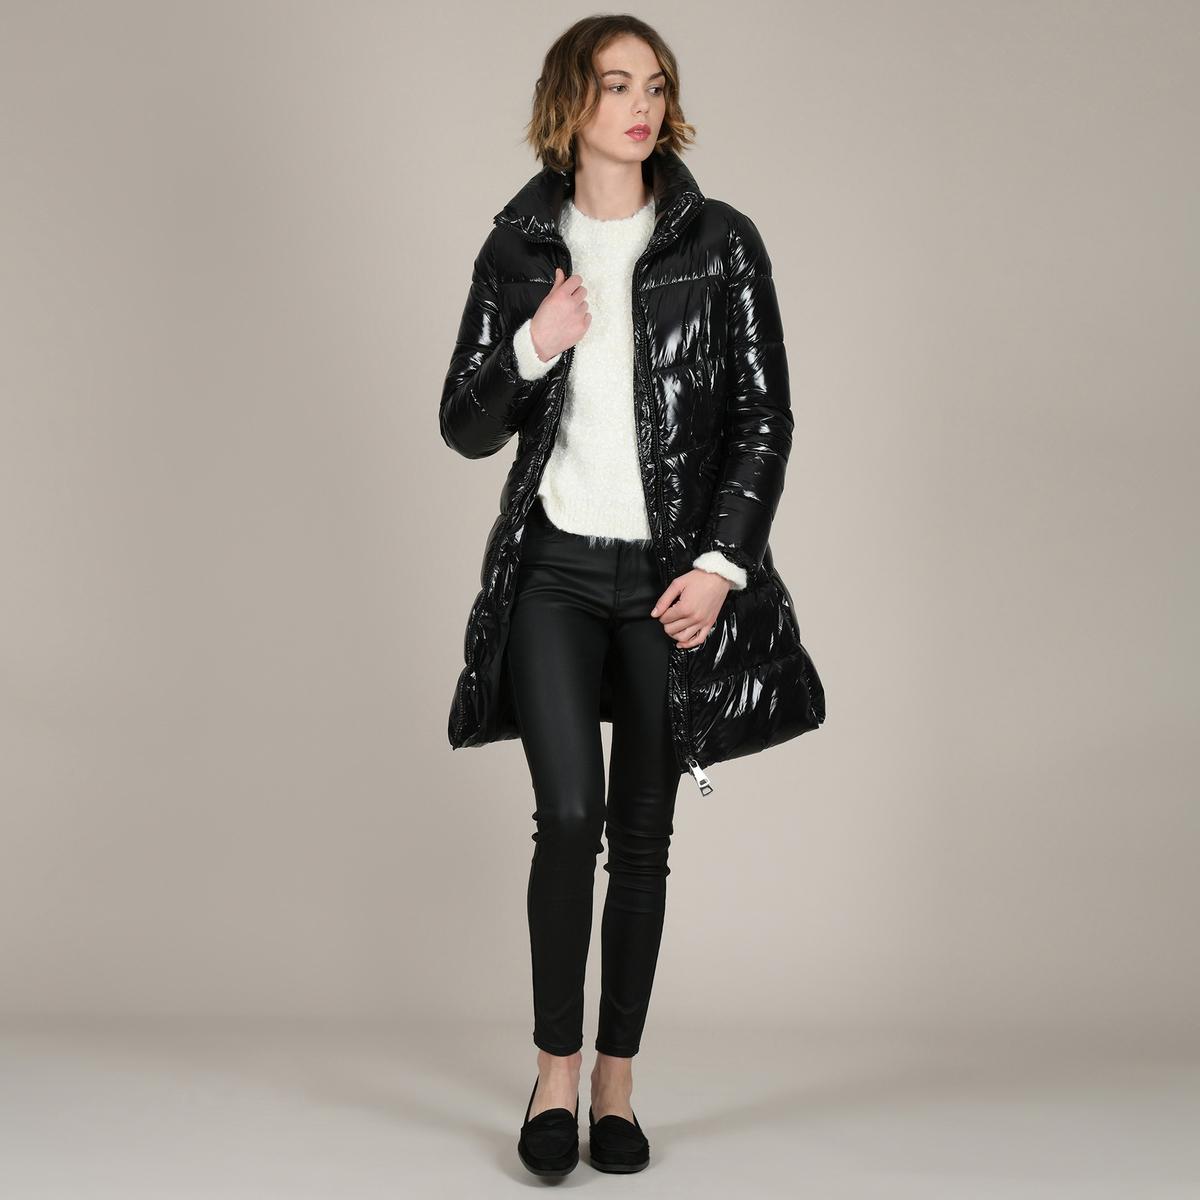 цена Куртка La Redoute Стеганая длинная воротник-стойка M черный онлайн в 2017 году